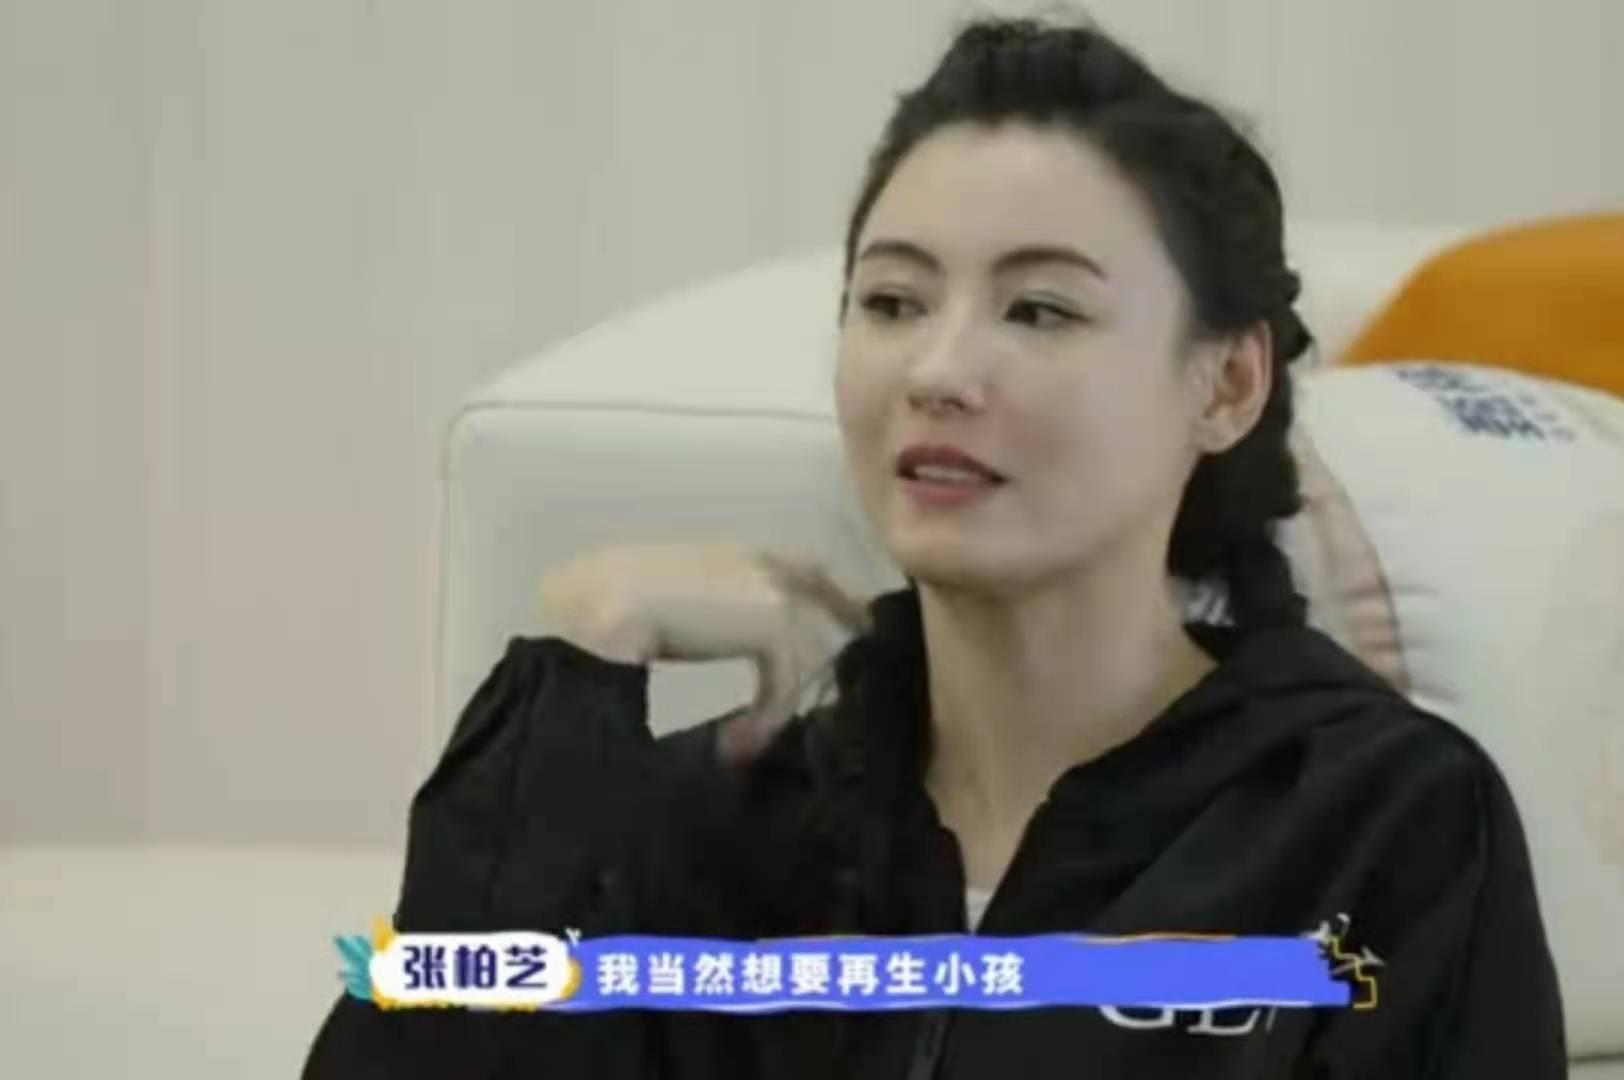 张柏芝想为结婚对象再生小孩 感情状态普所迷离的她节目中自爆非单身